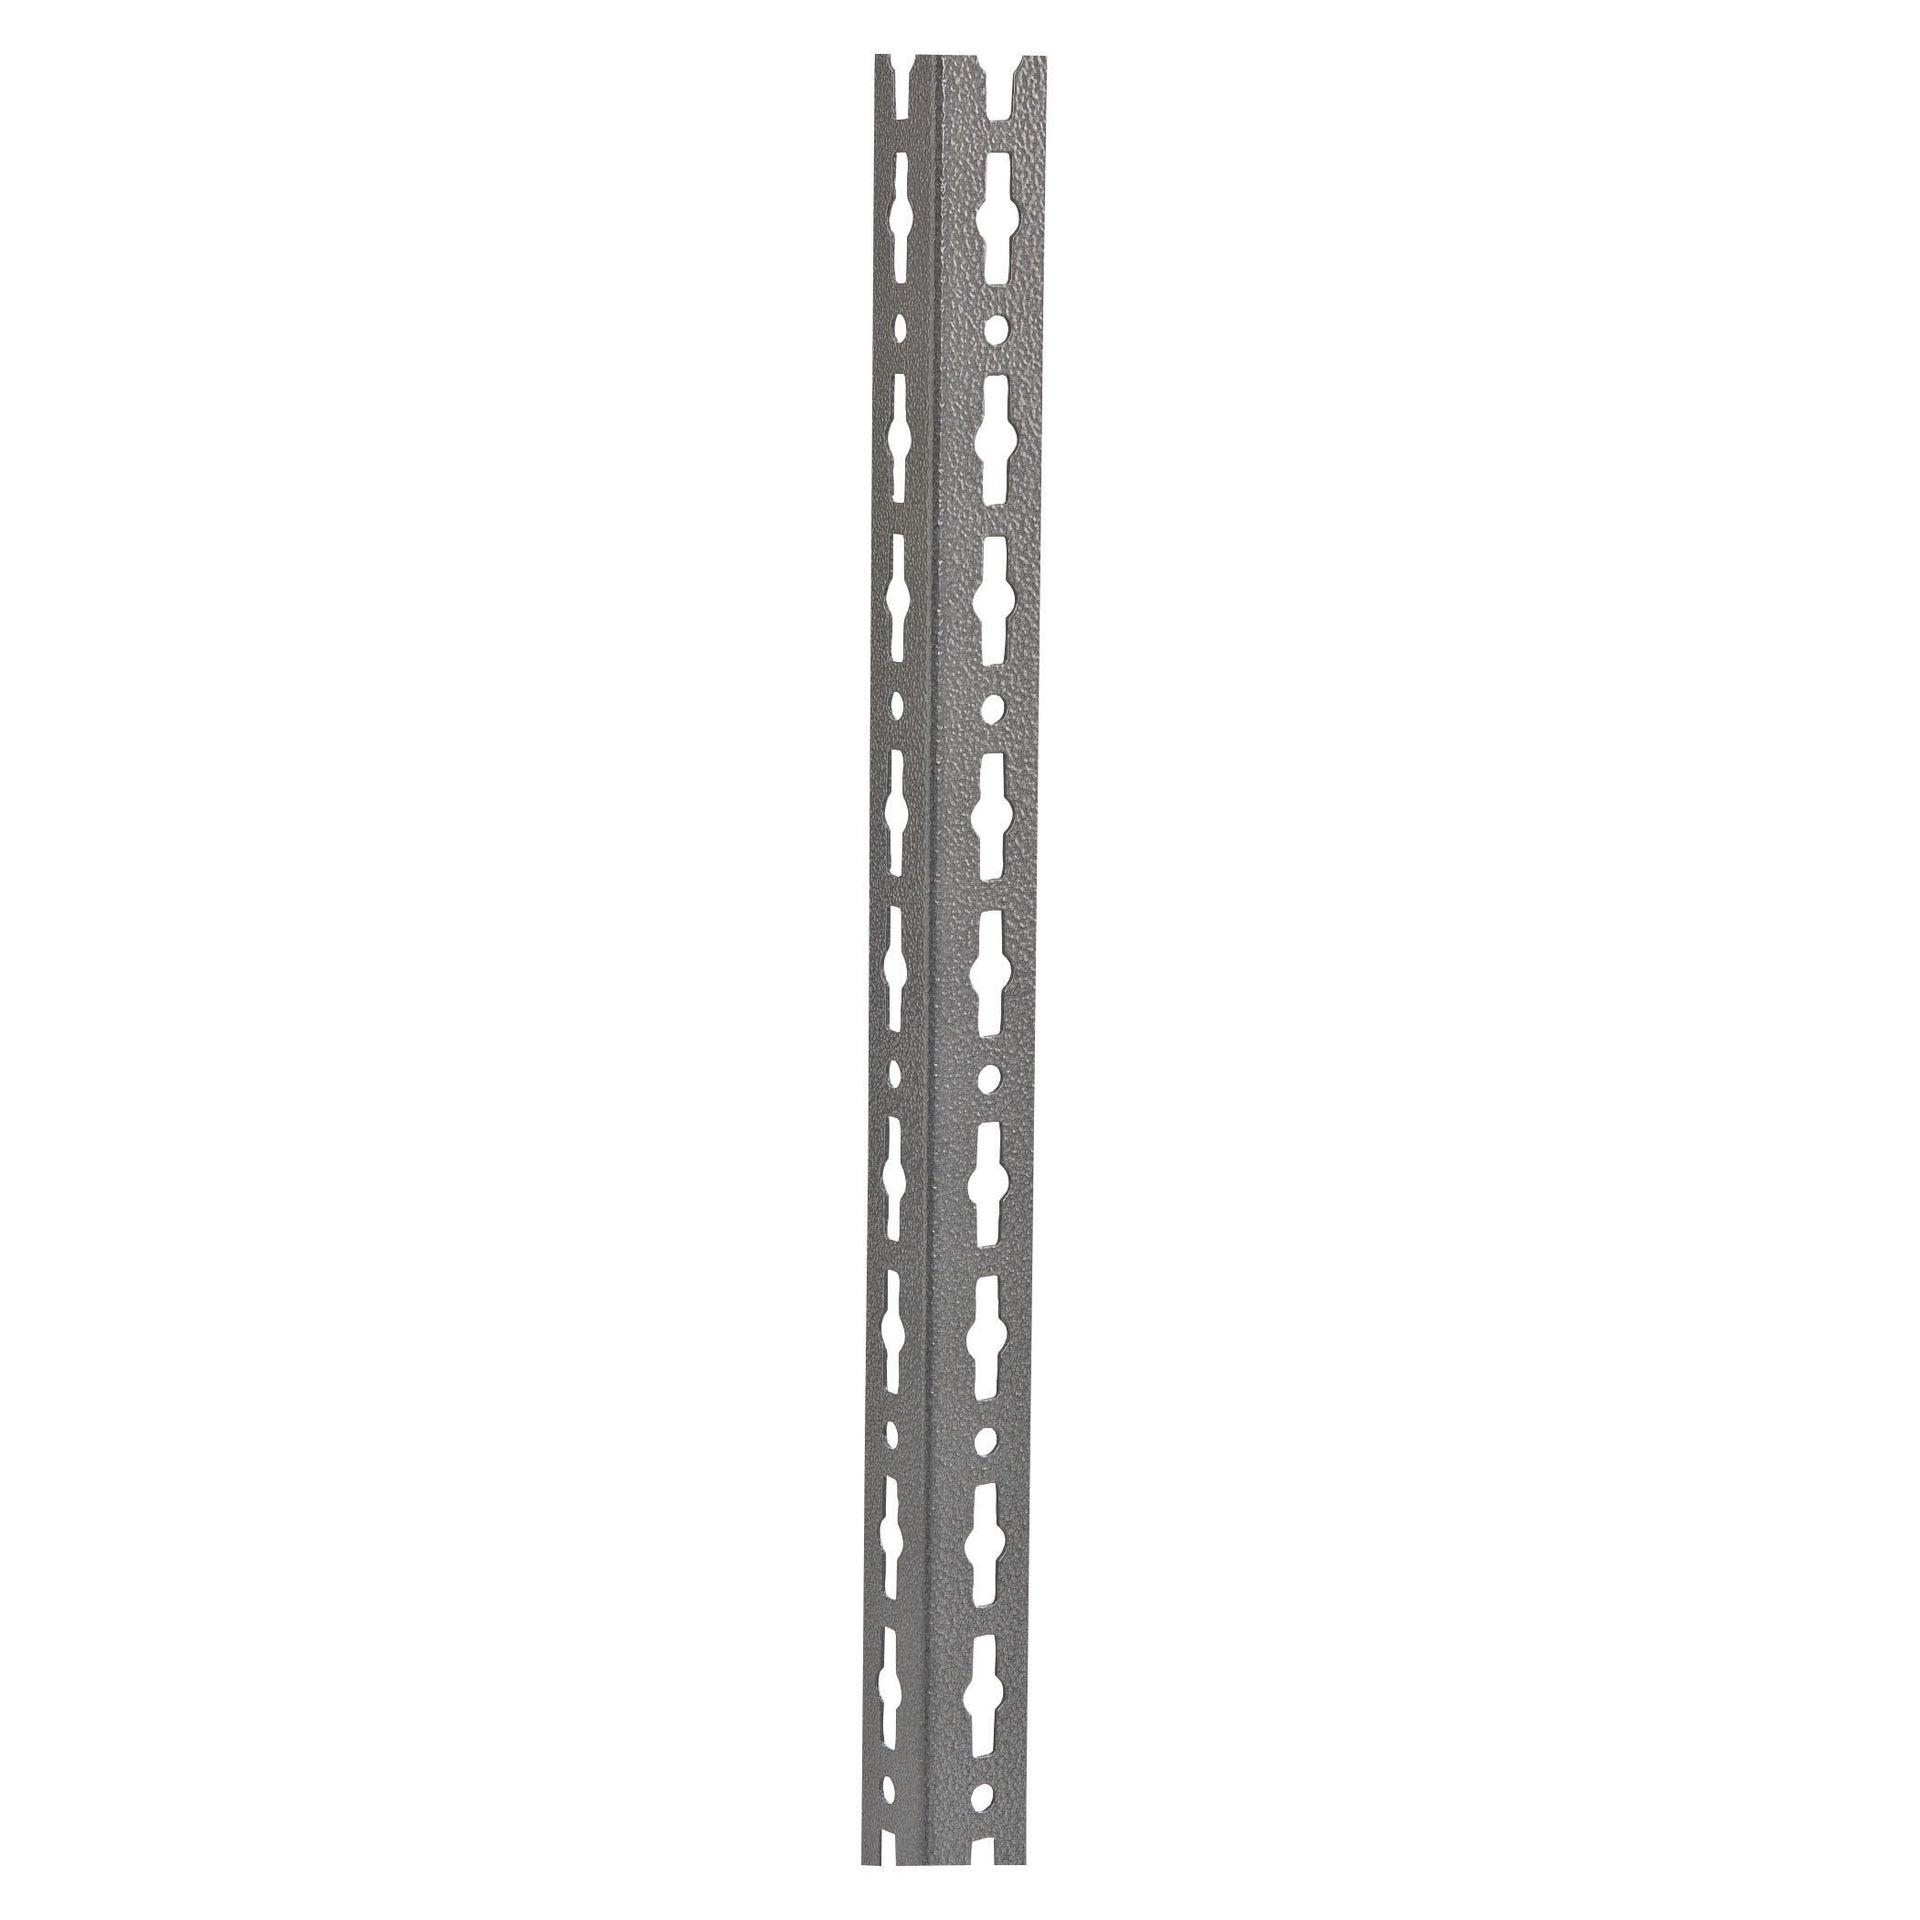 Montante in metallo angolare L 4 x H 200 x Sp 4 cm grigio / argento martellato - 2